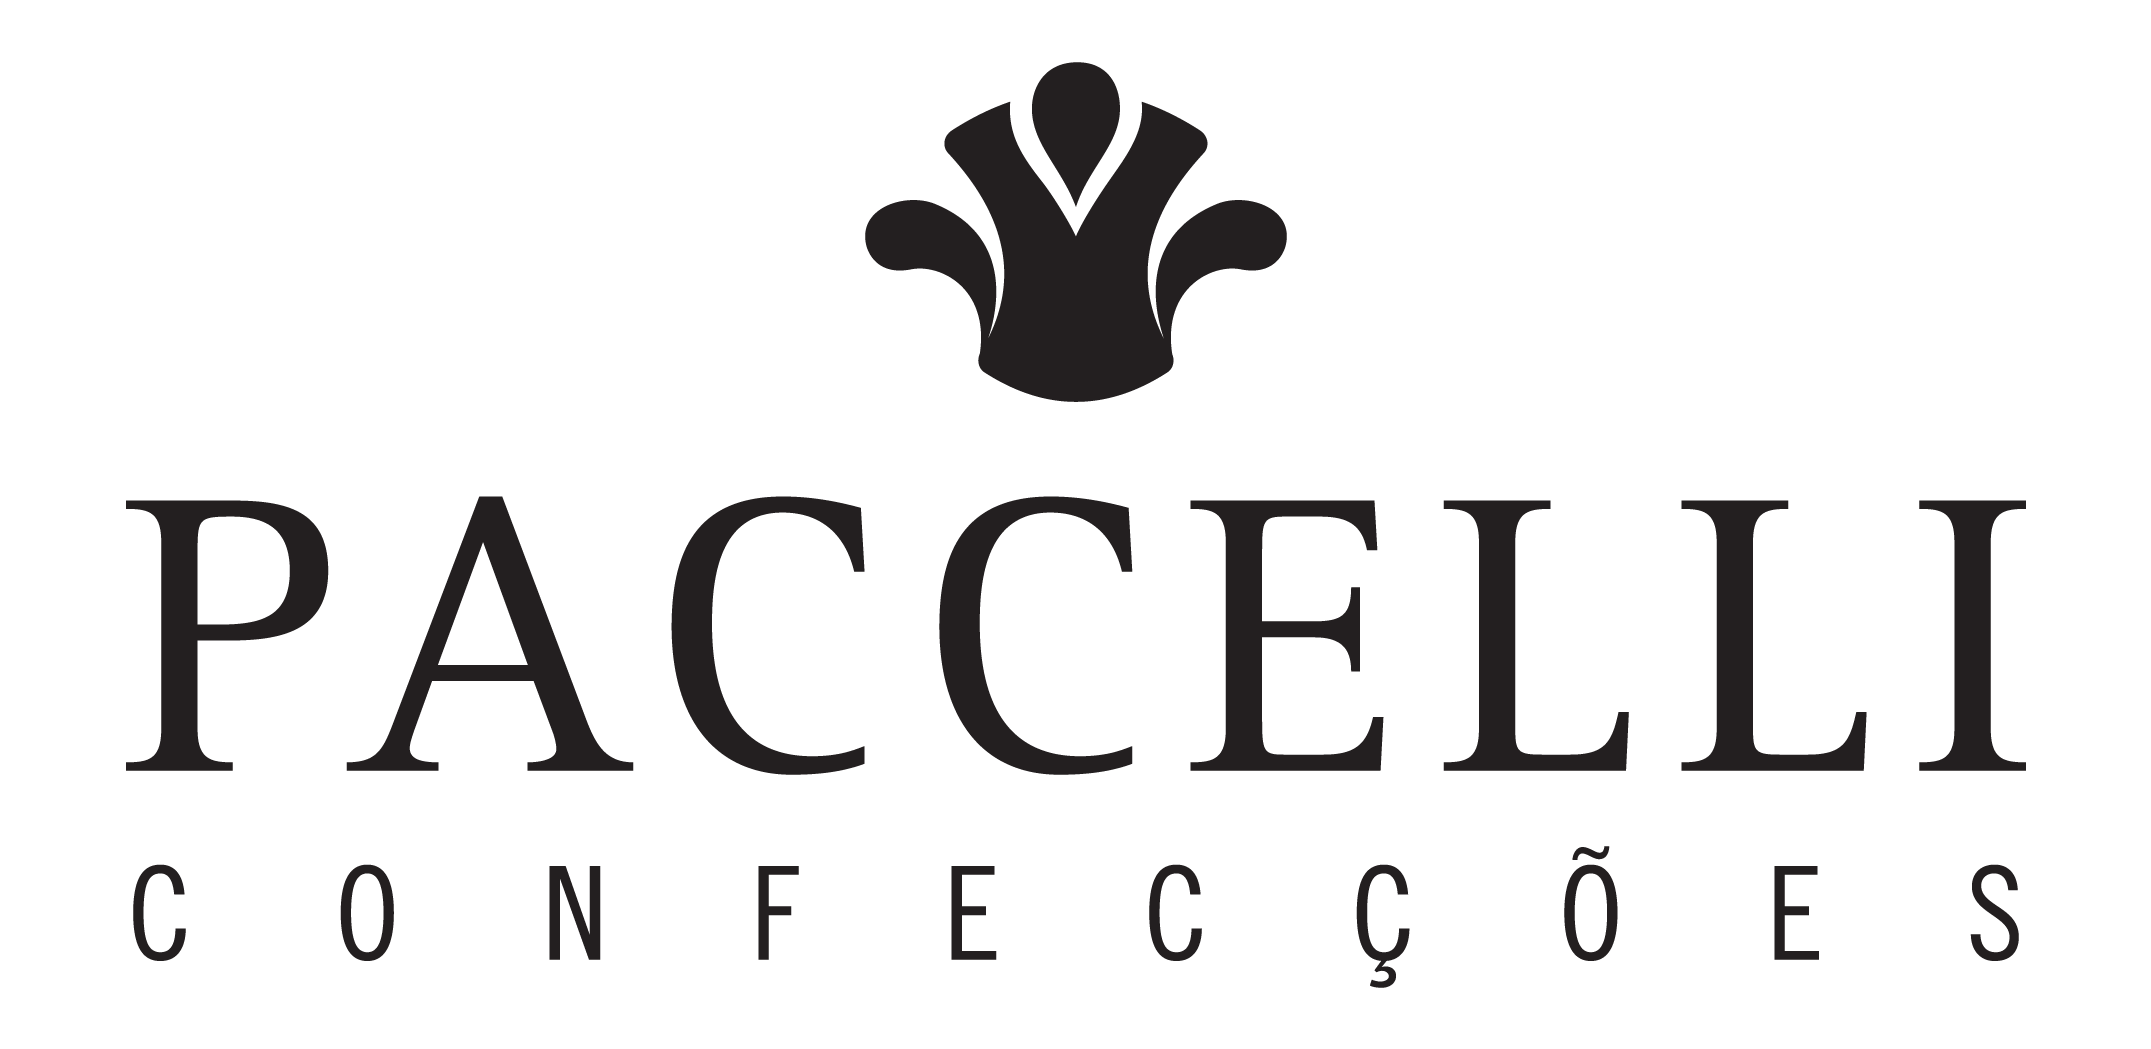 Paccelli Confecções - cover